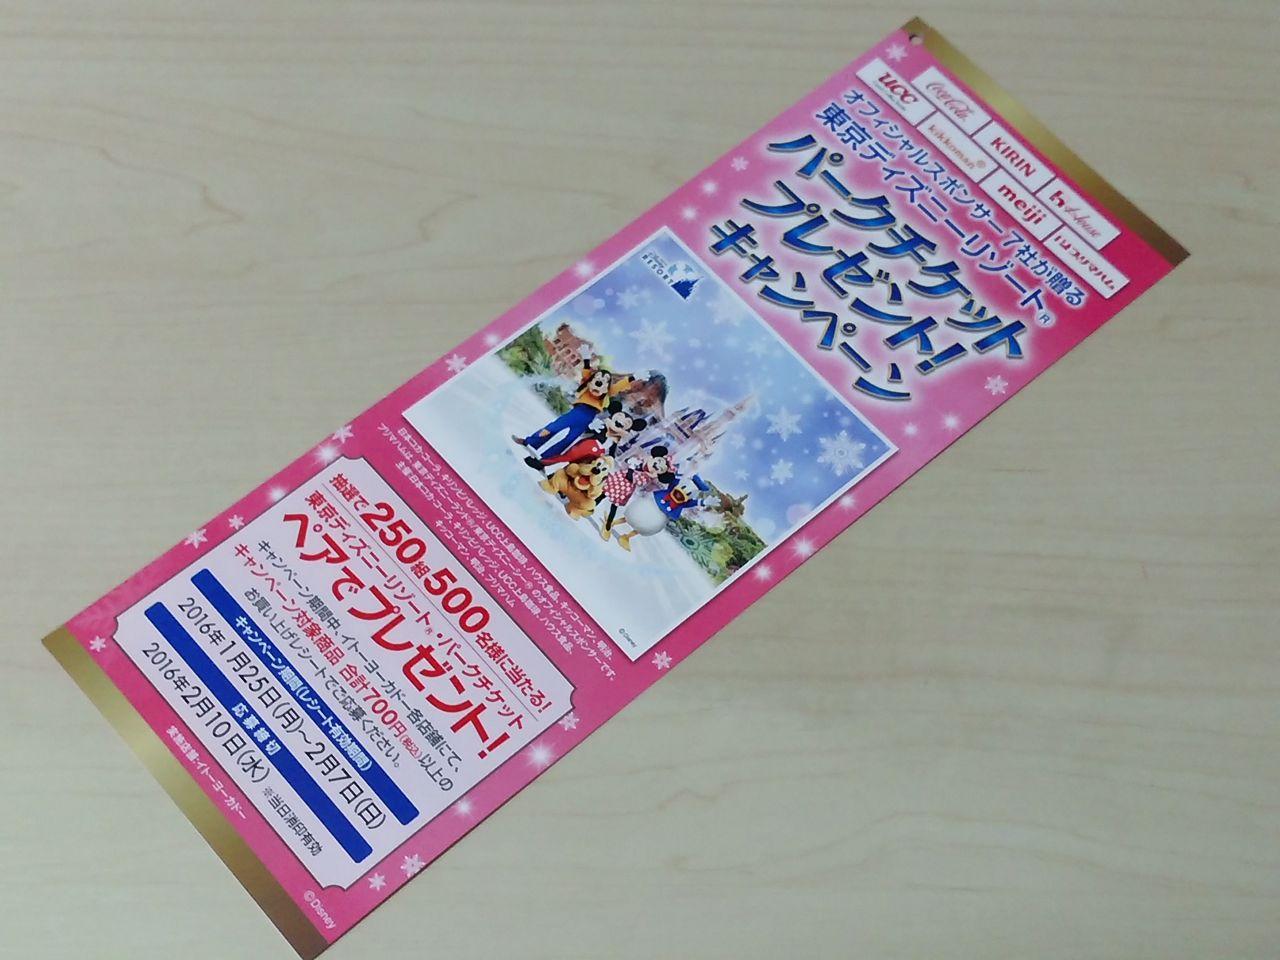 締切間近】イトーヨーカドー 東京ディズニーリゾートパークチケット